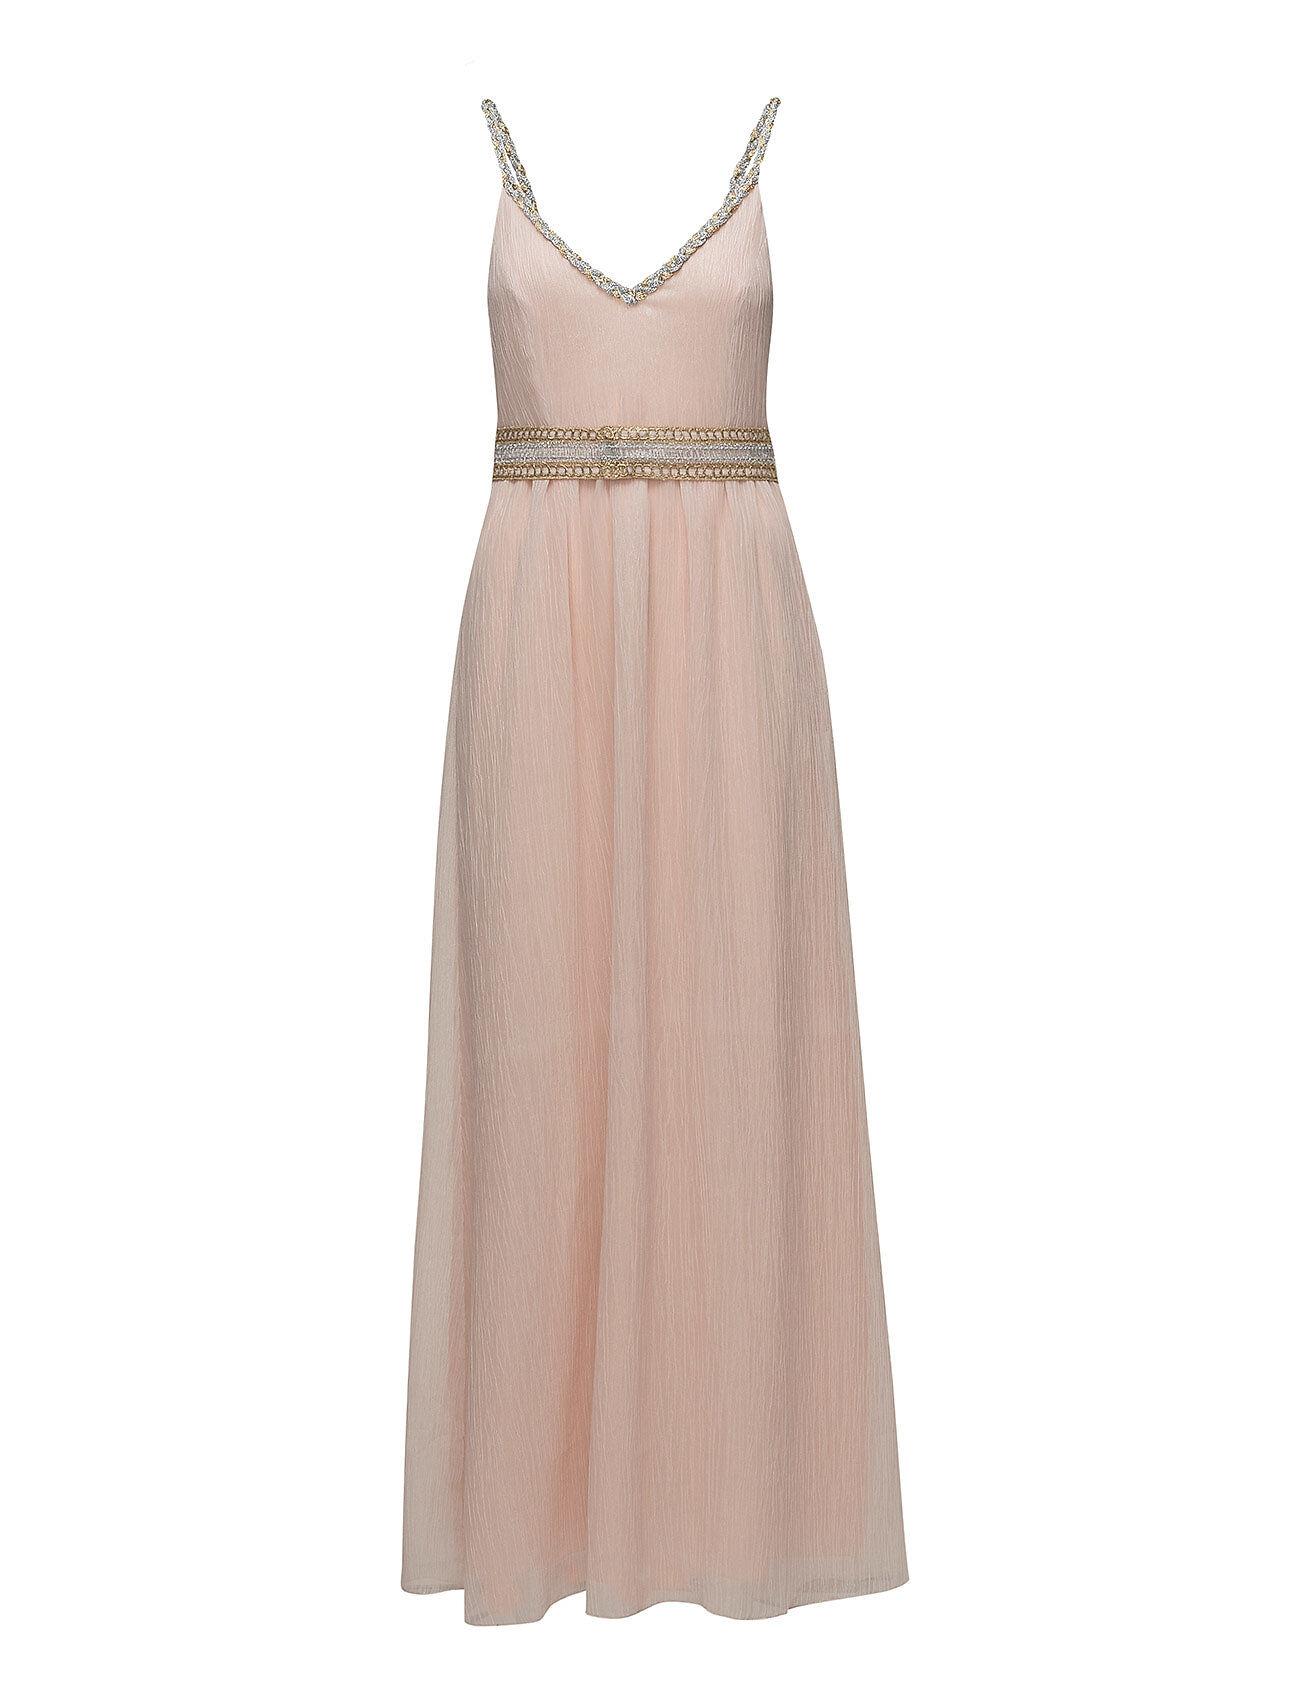 Valerie Jess Long Dress